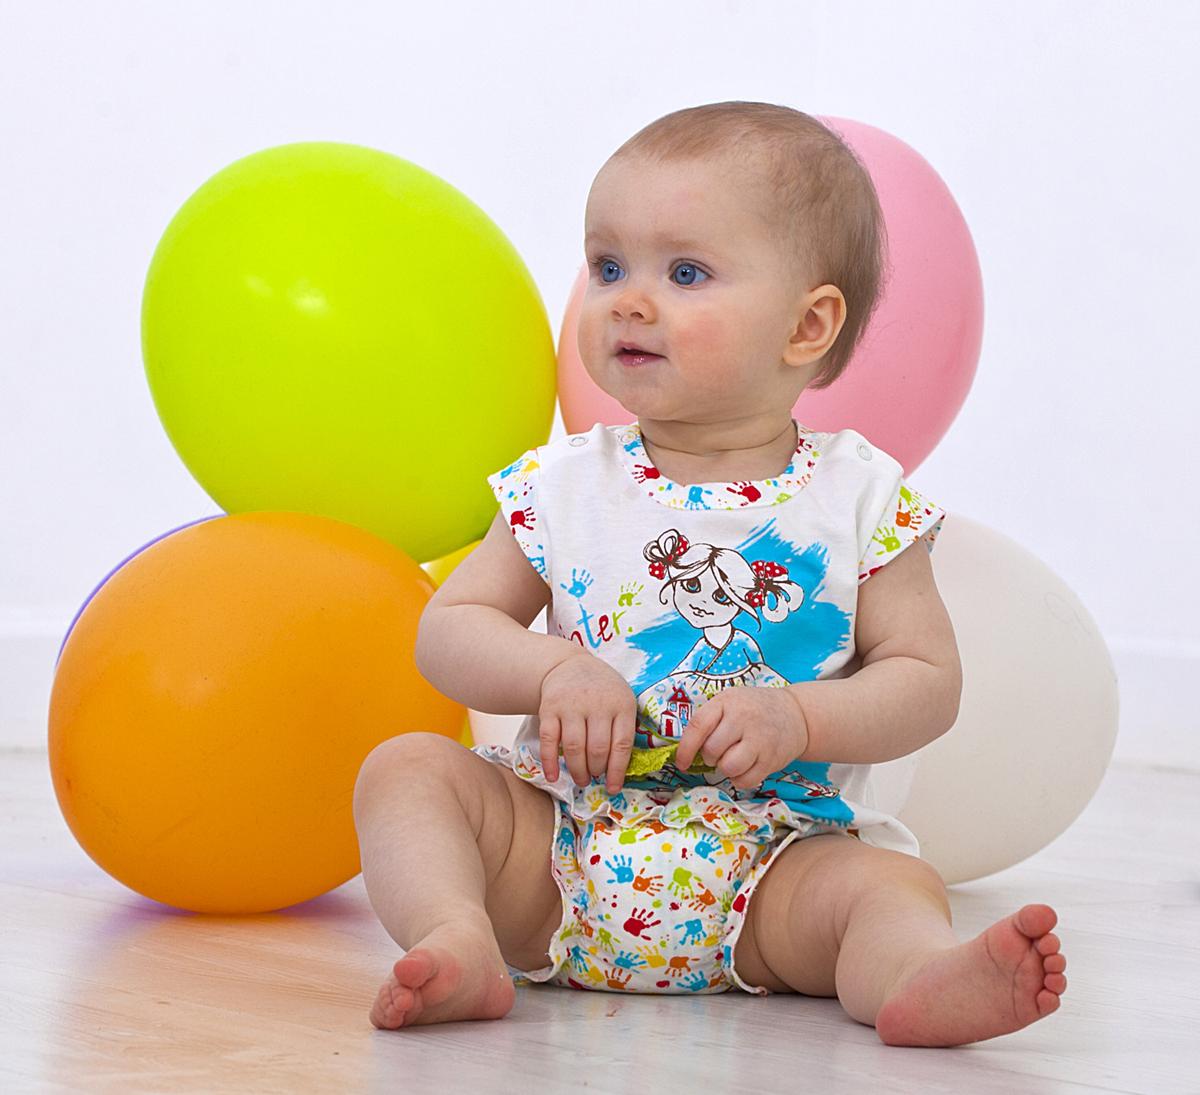 Футболка для девочки Мамуляндия, цвет: молочный. 18-206. Размер 8018-206Футболка для девочки Мамуляндия станет отличным дополнением к гардеробу вашего малыша. Изготовленная из натурального хлопка, она необычайно мягкая и легкая. Модель застегивается на кнопки на плече.